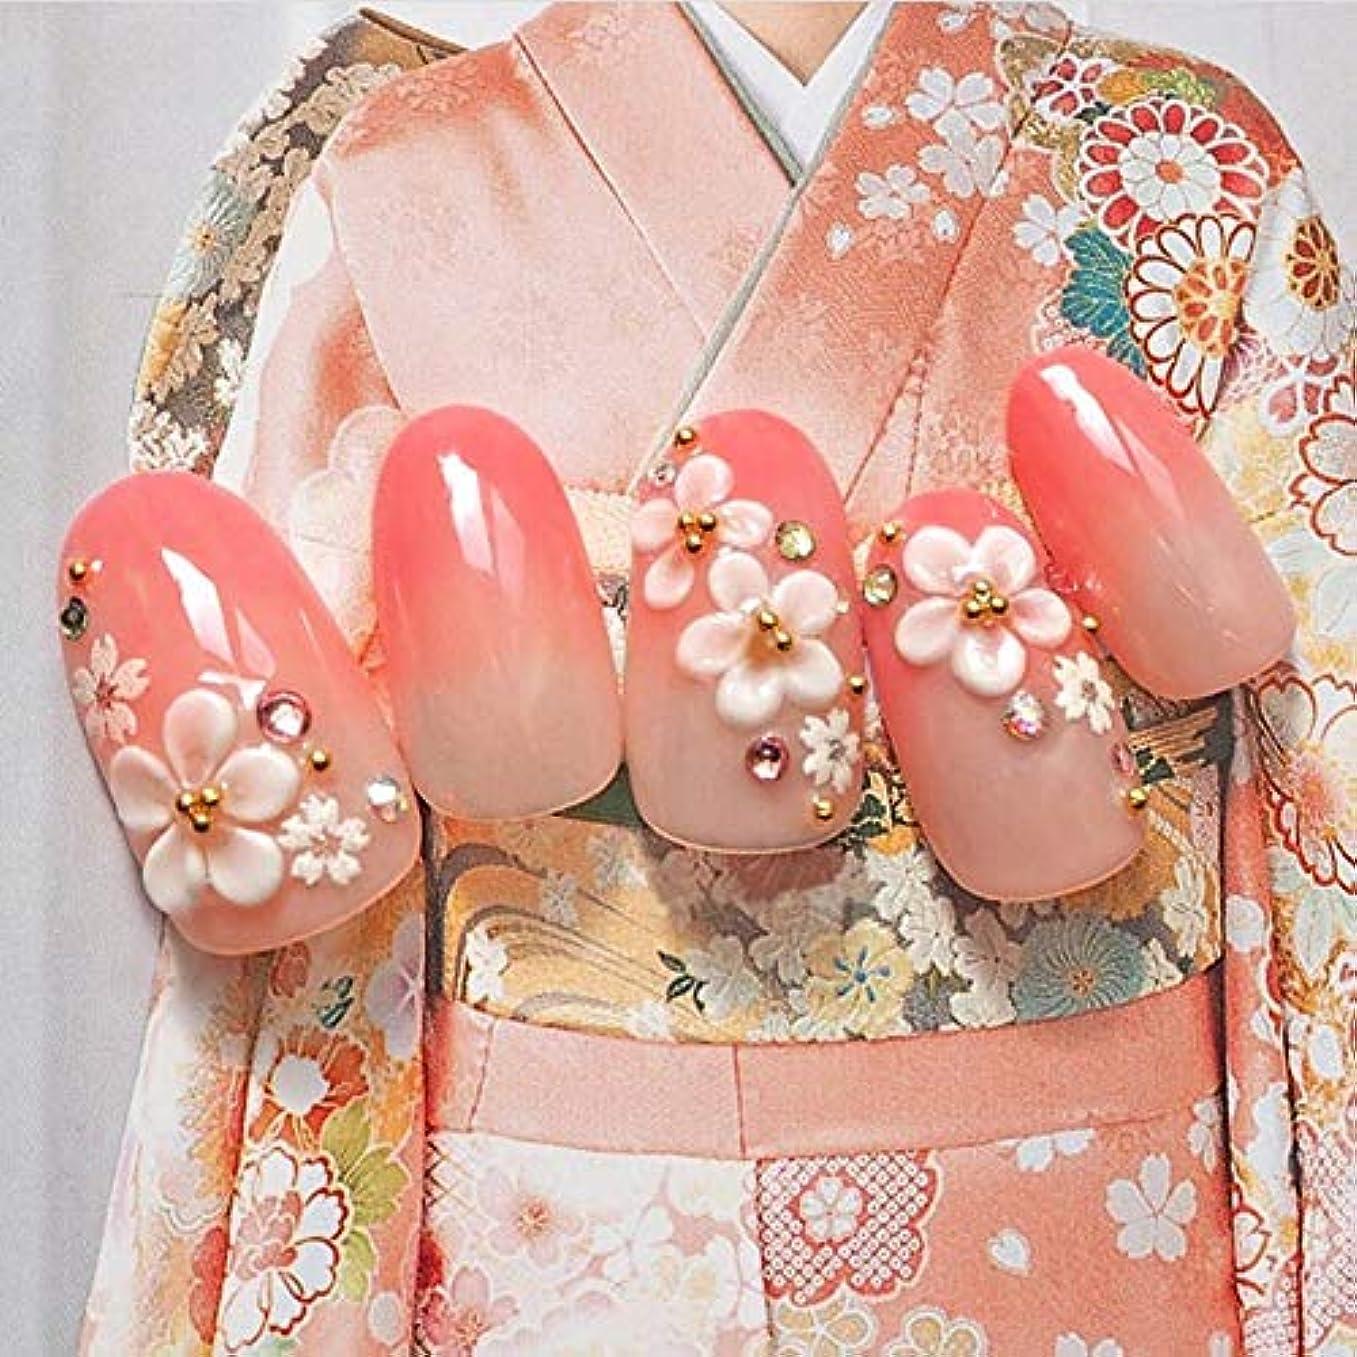 戦士十代の若者たち構想するXUTXZKA 装飾された24ピースファッション長い偽爪ヒントオーバルピンクグラデーション花